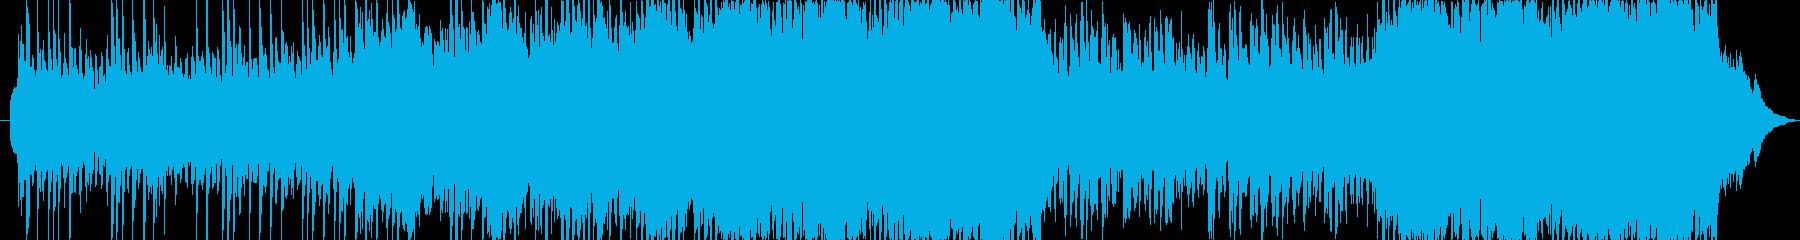 ティーン クラシック 交響曲 アン...の再生済みの波形